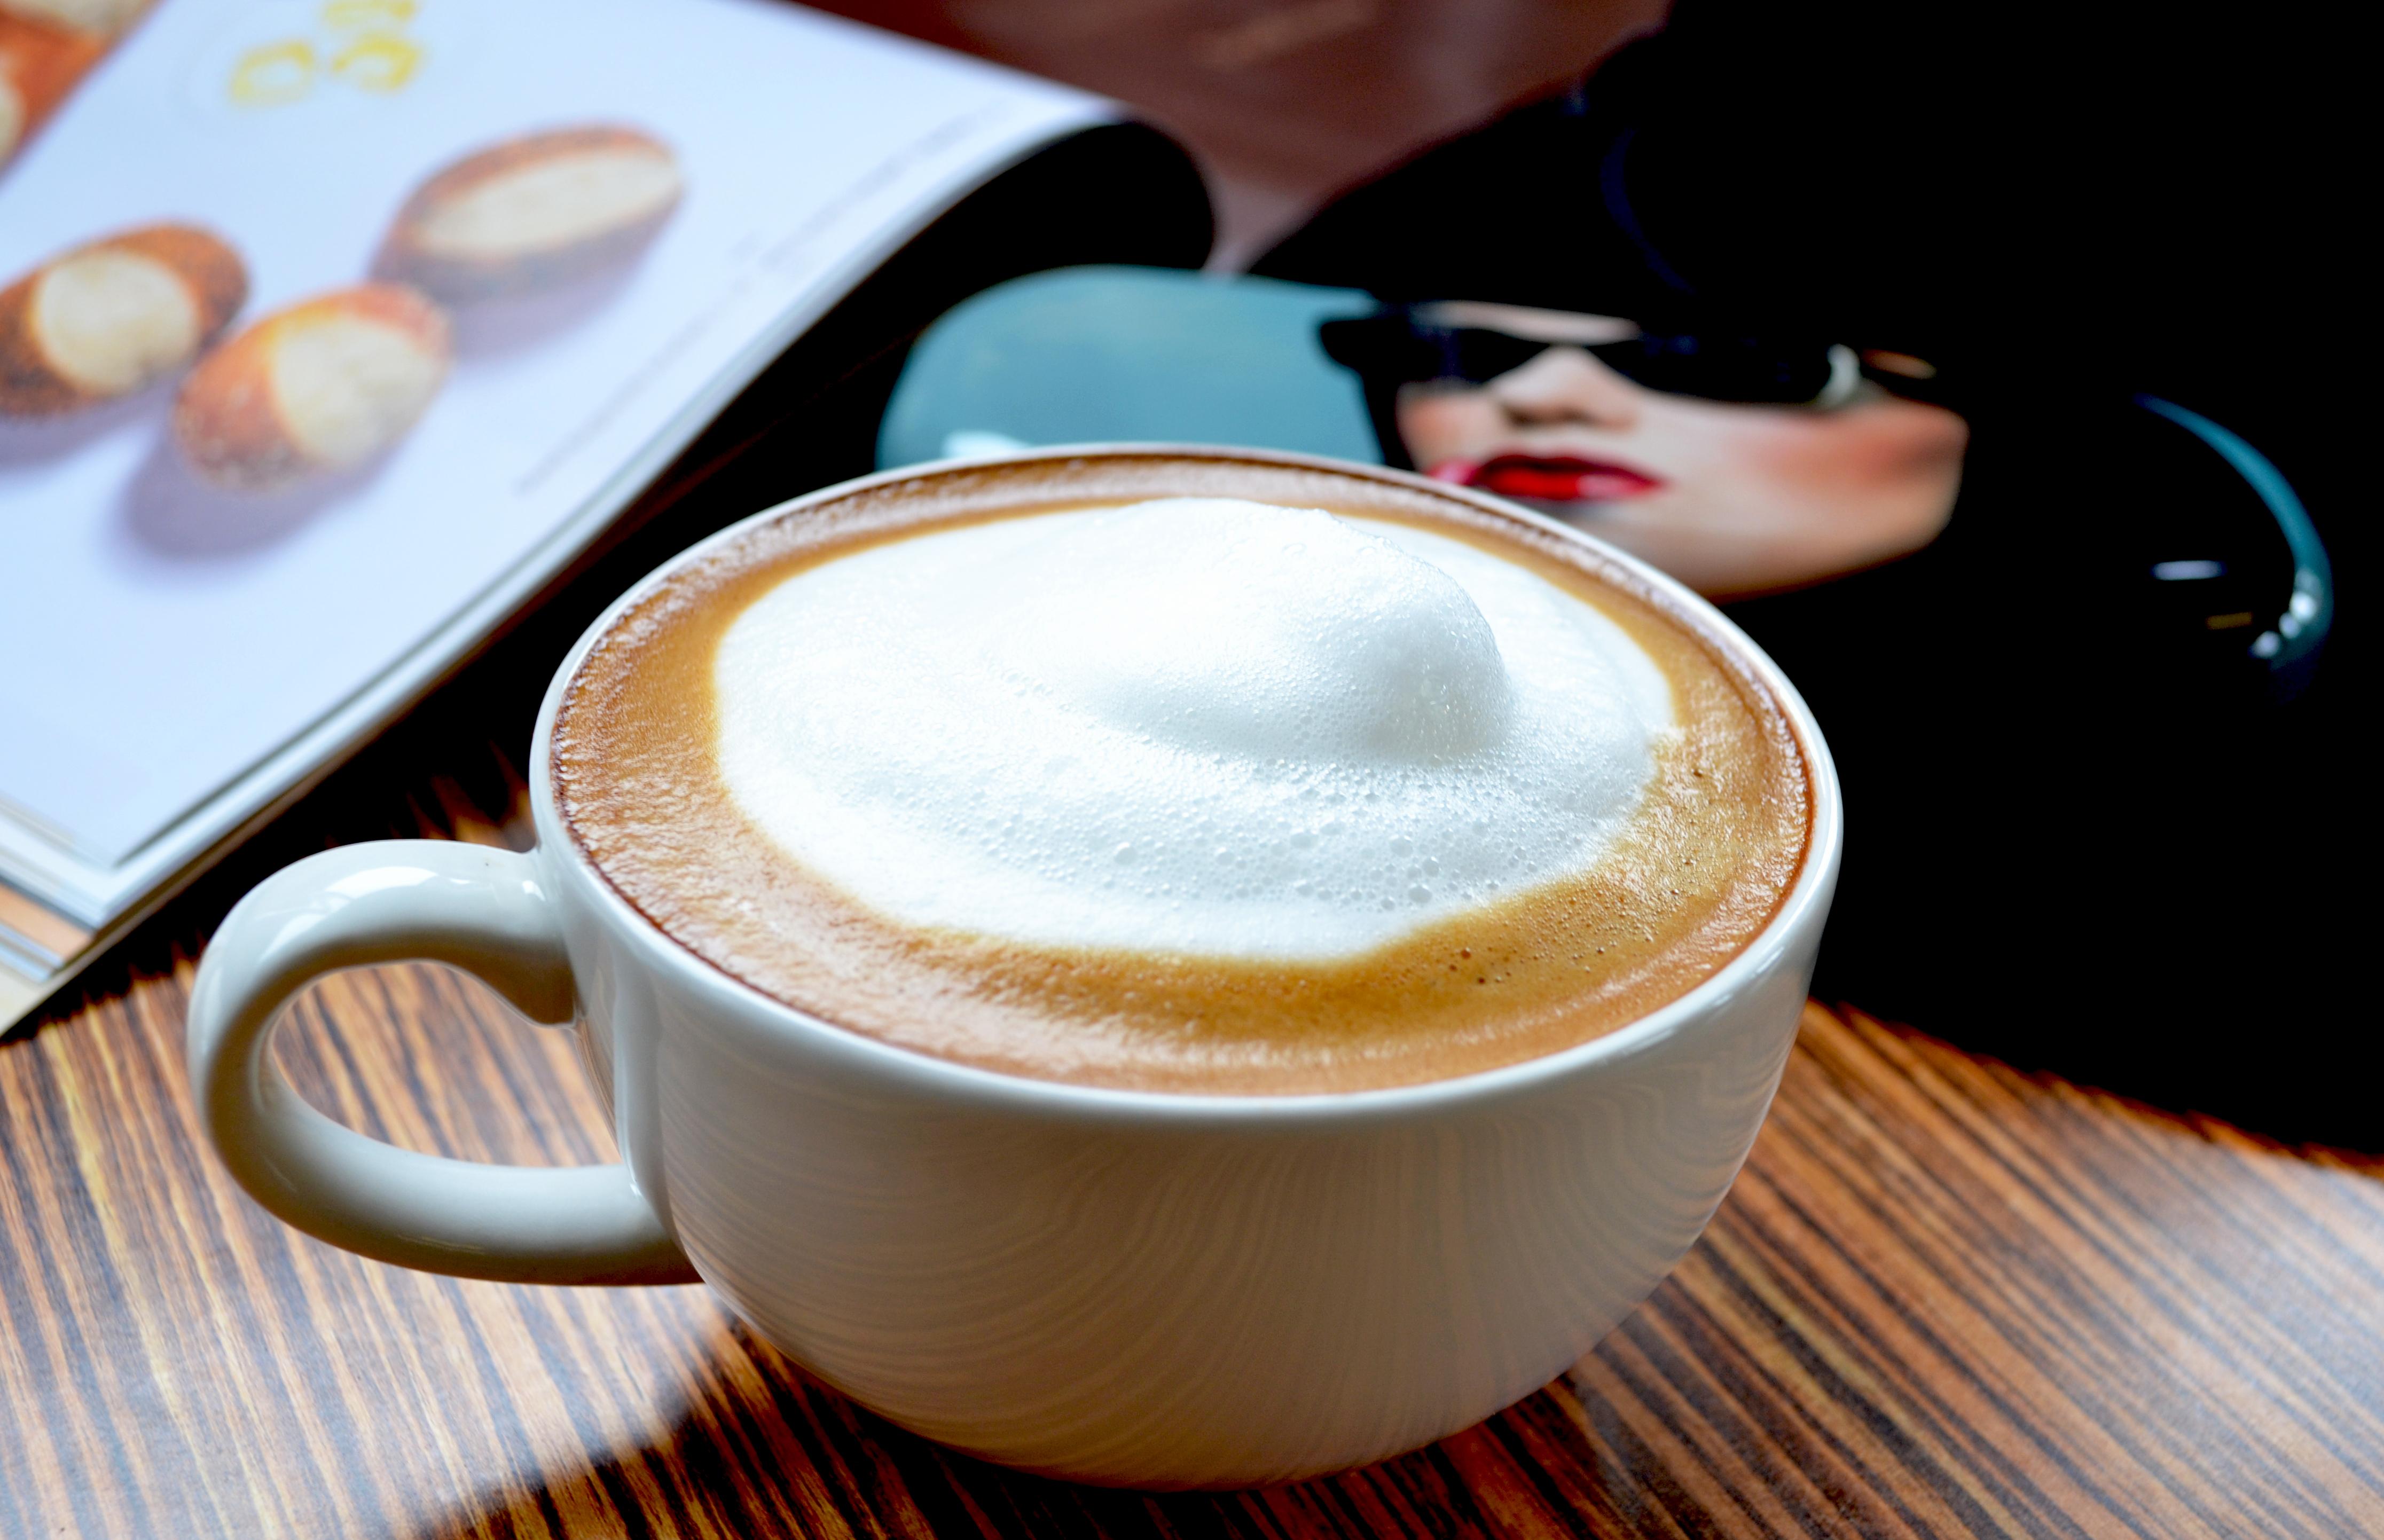 L'ultime guide de café pour un touriste en Italie! - Moca Loca